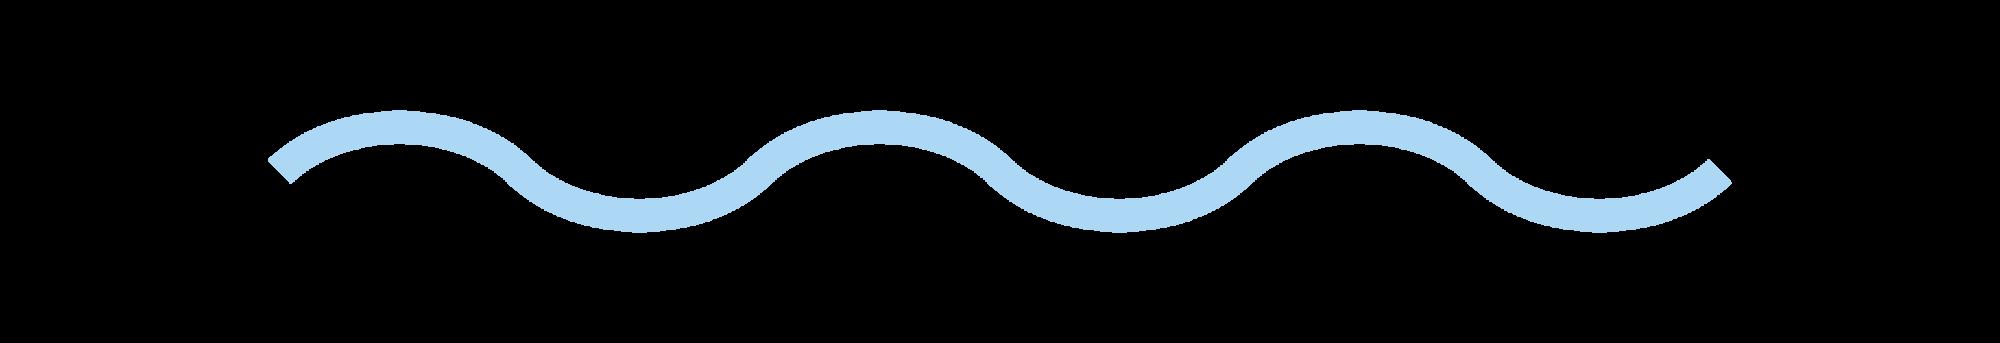 Menschen am Neckar Welle